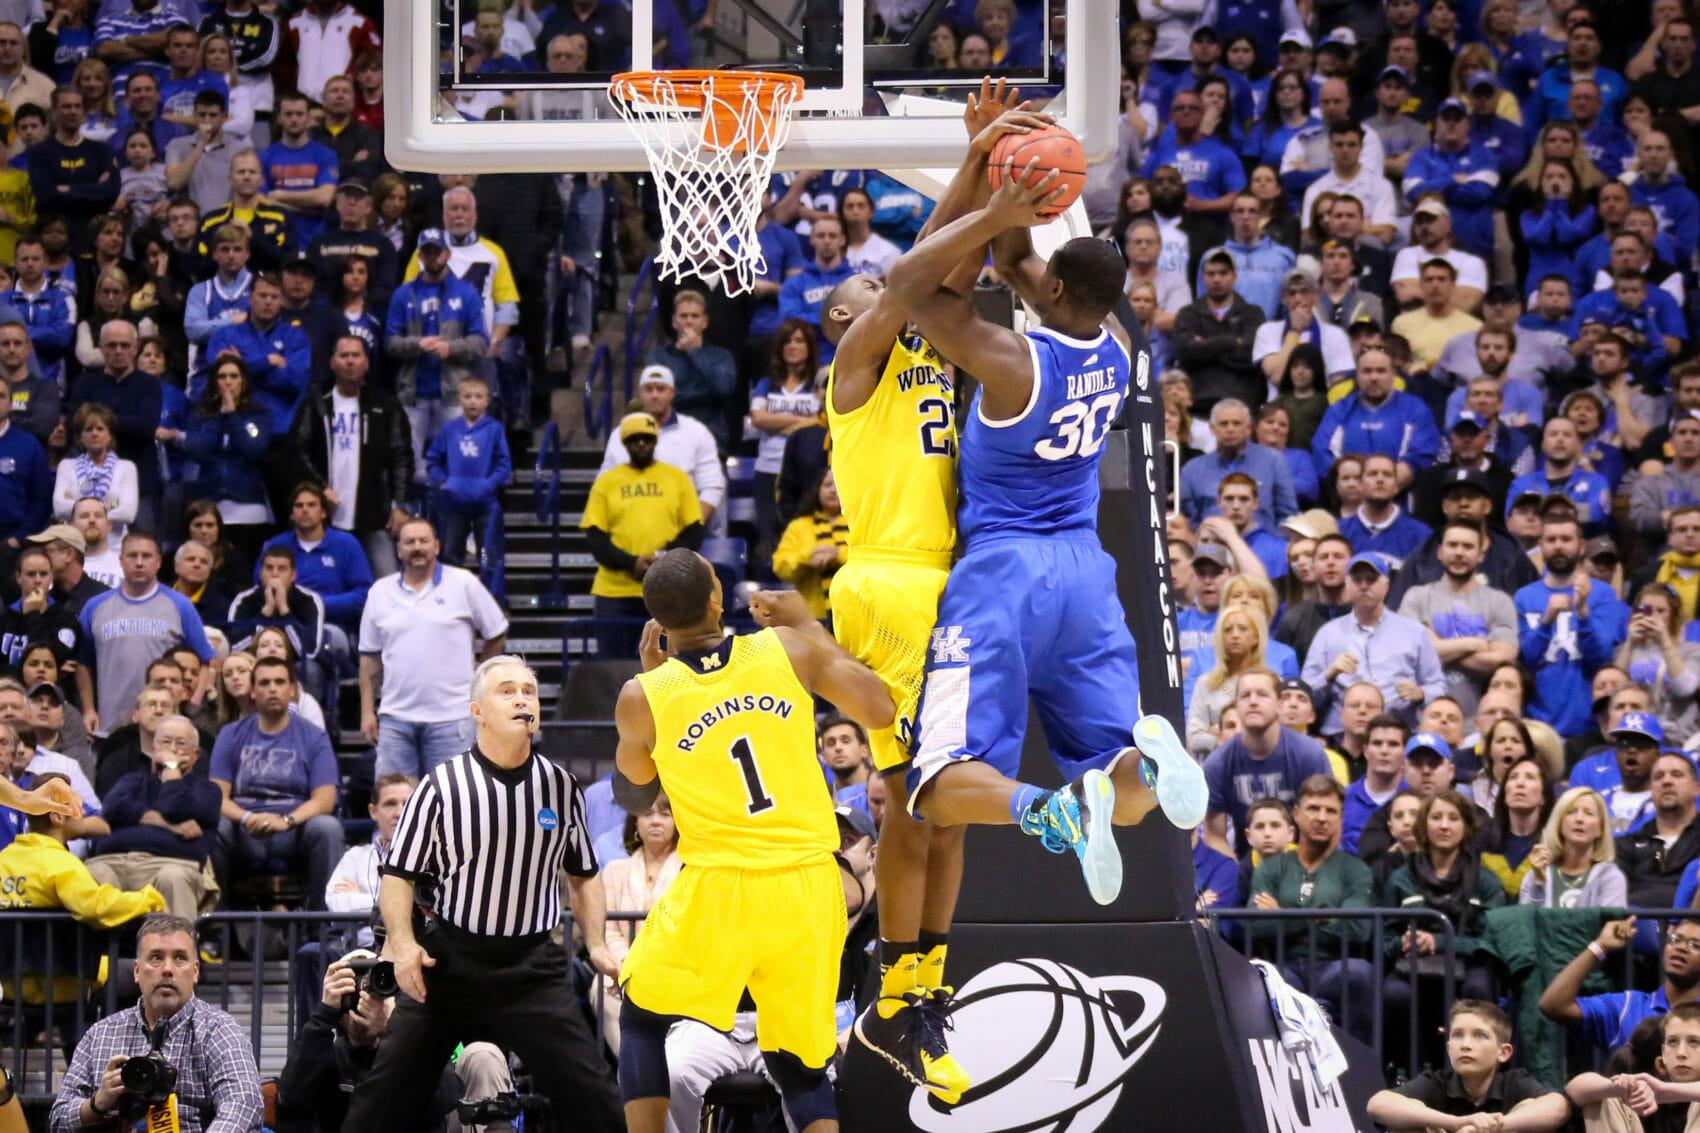 Kentucky 75, Michigan 72-27